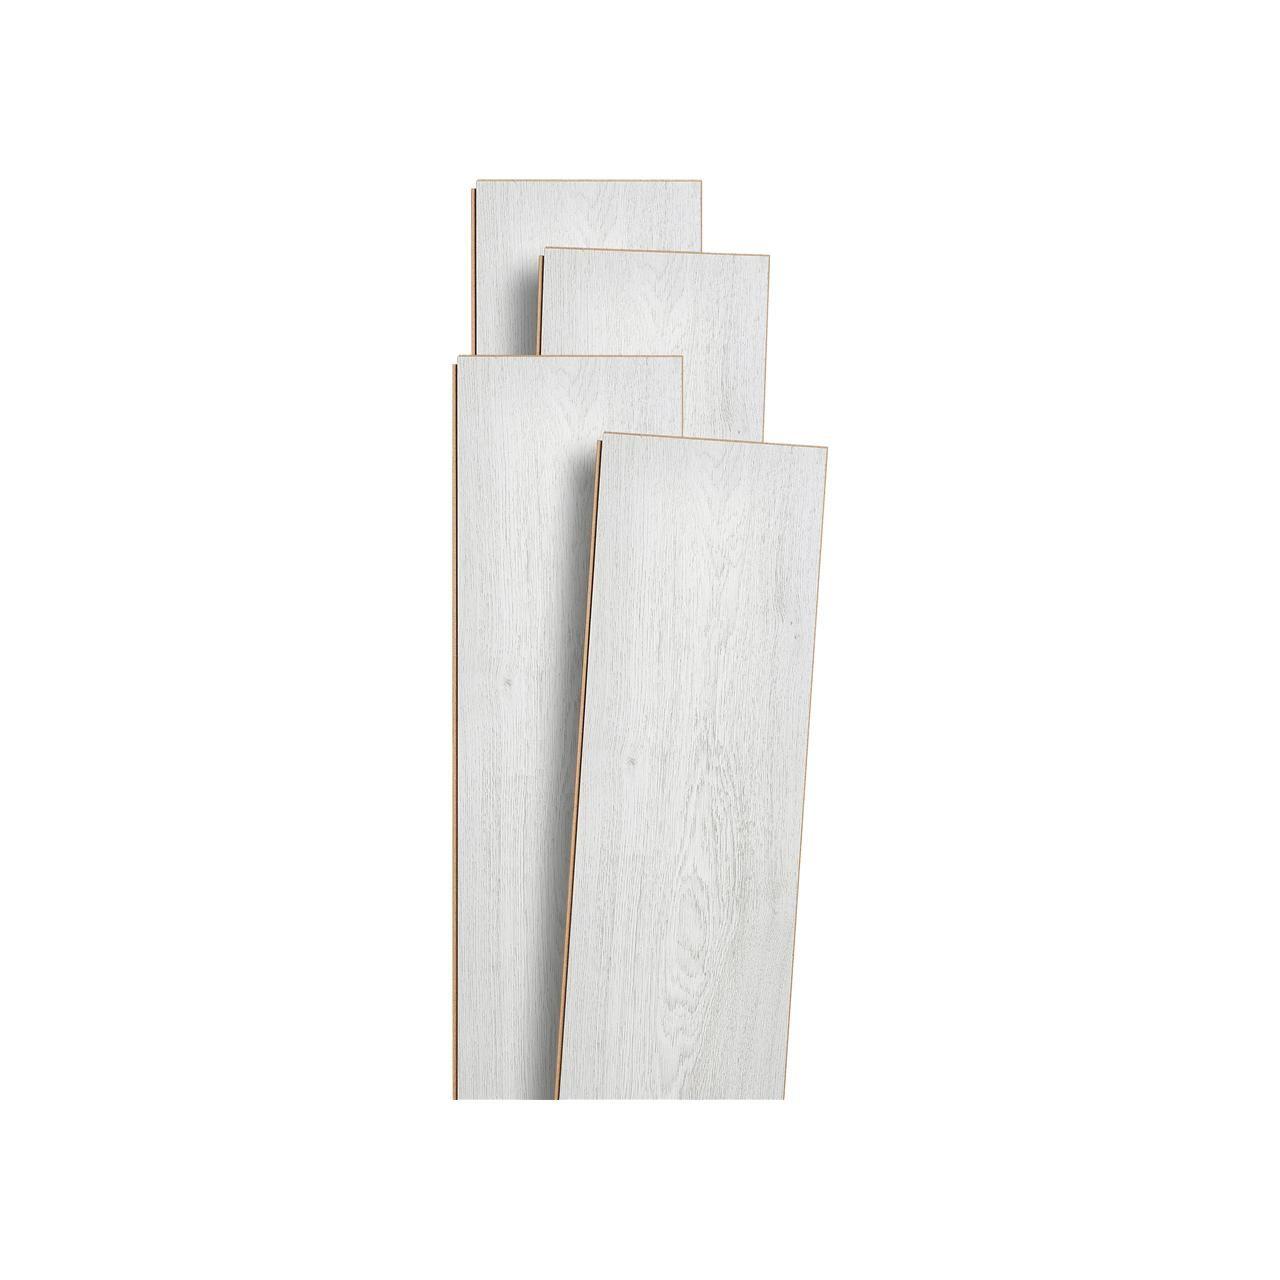 laminaat lam 6mm wit eiken 1376x193 11 voor 17 53 koop online